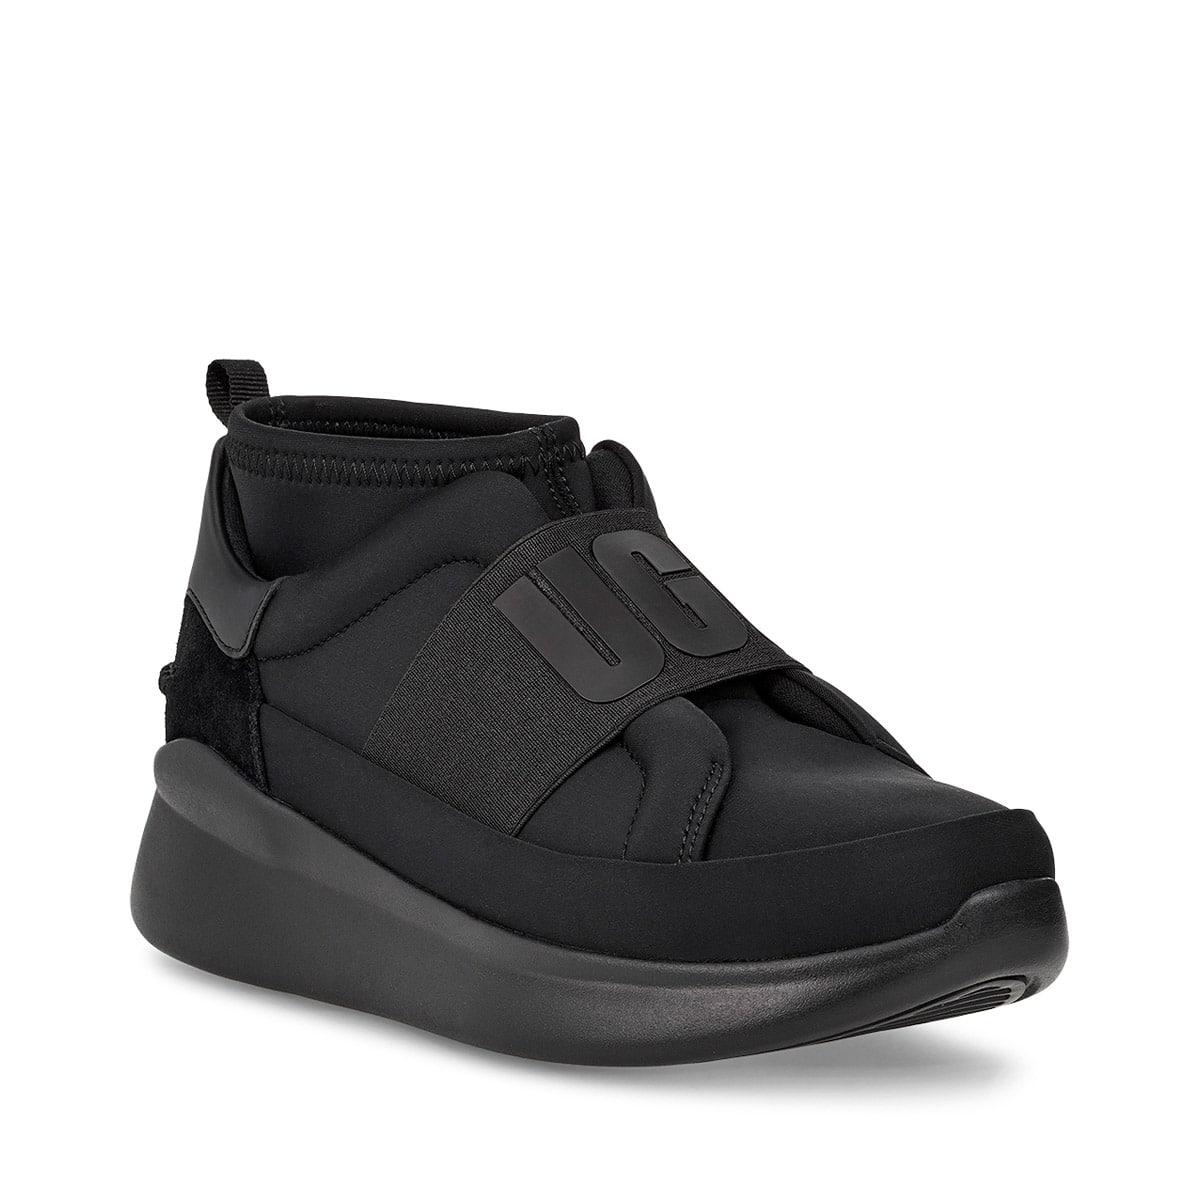 UGG Neutra Sneaker BLACK/BLACK 19FW-I_photo_large